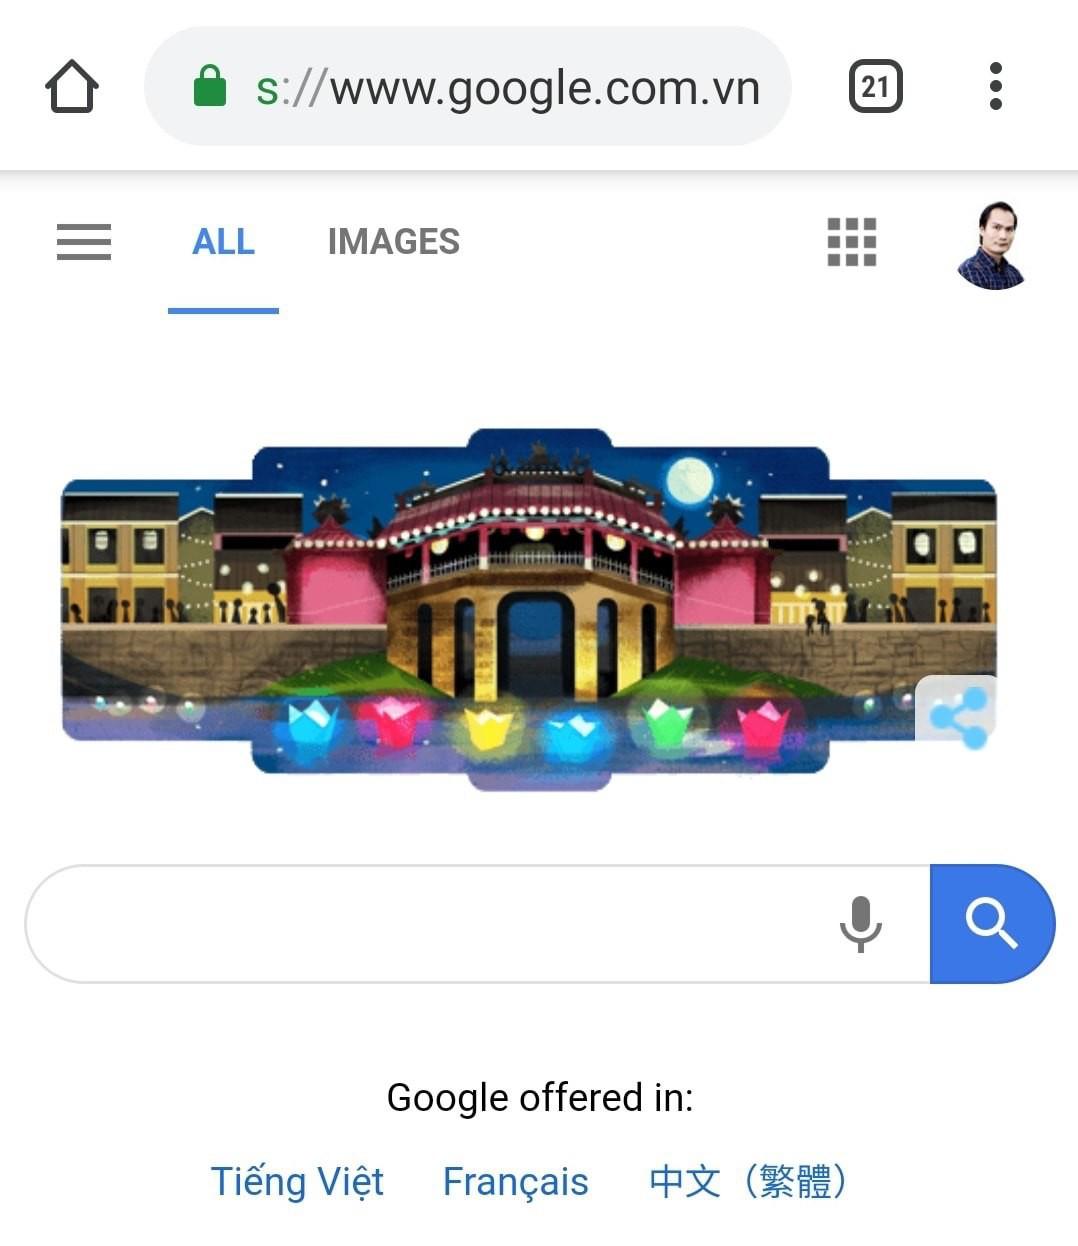 Vừa được vinh danh là thành phố tốt nhất thế giới, Hội An tiếp tục xuất hiện đầy tự hào trên trang chủ Google - Ảnh 8.